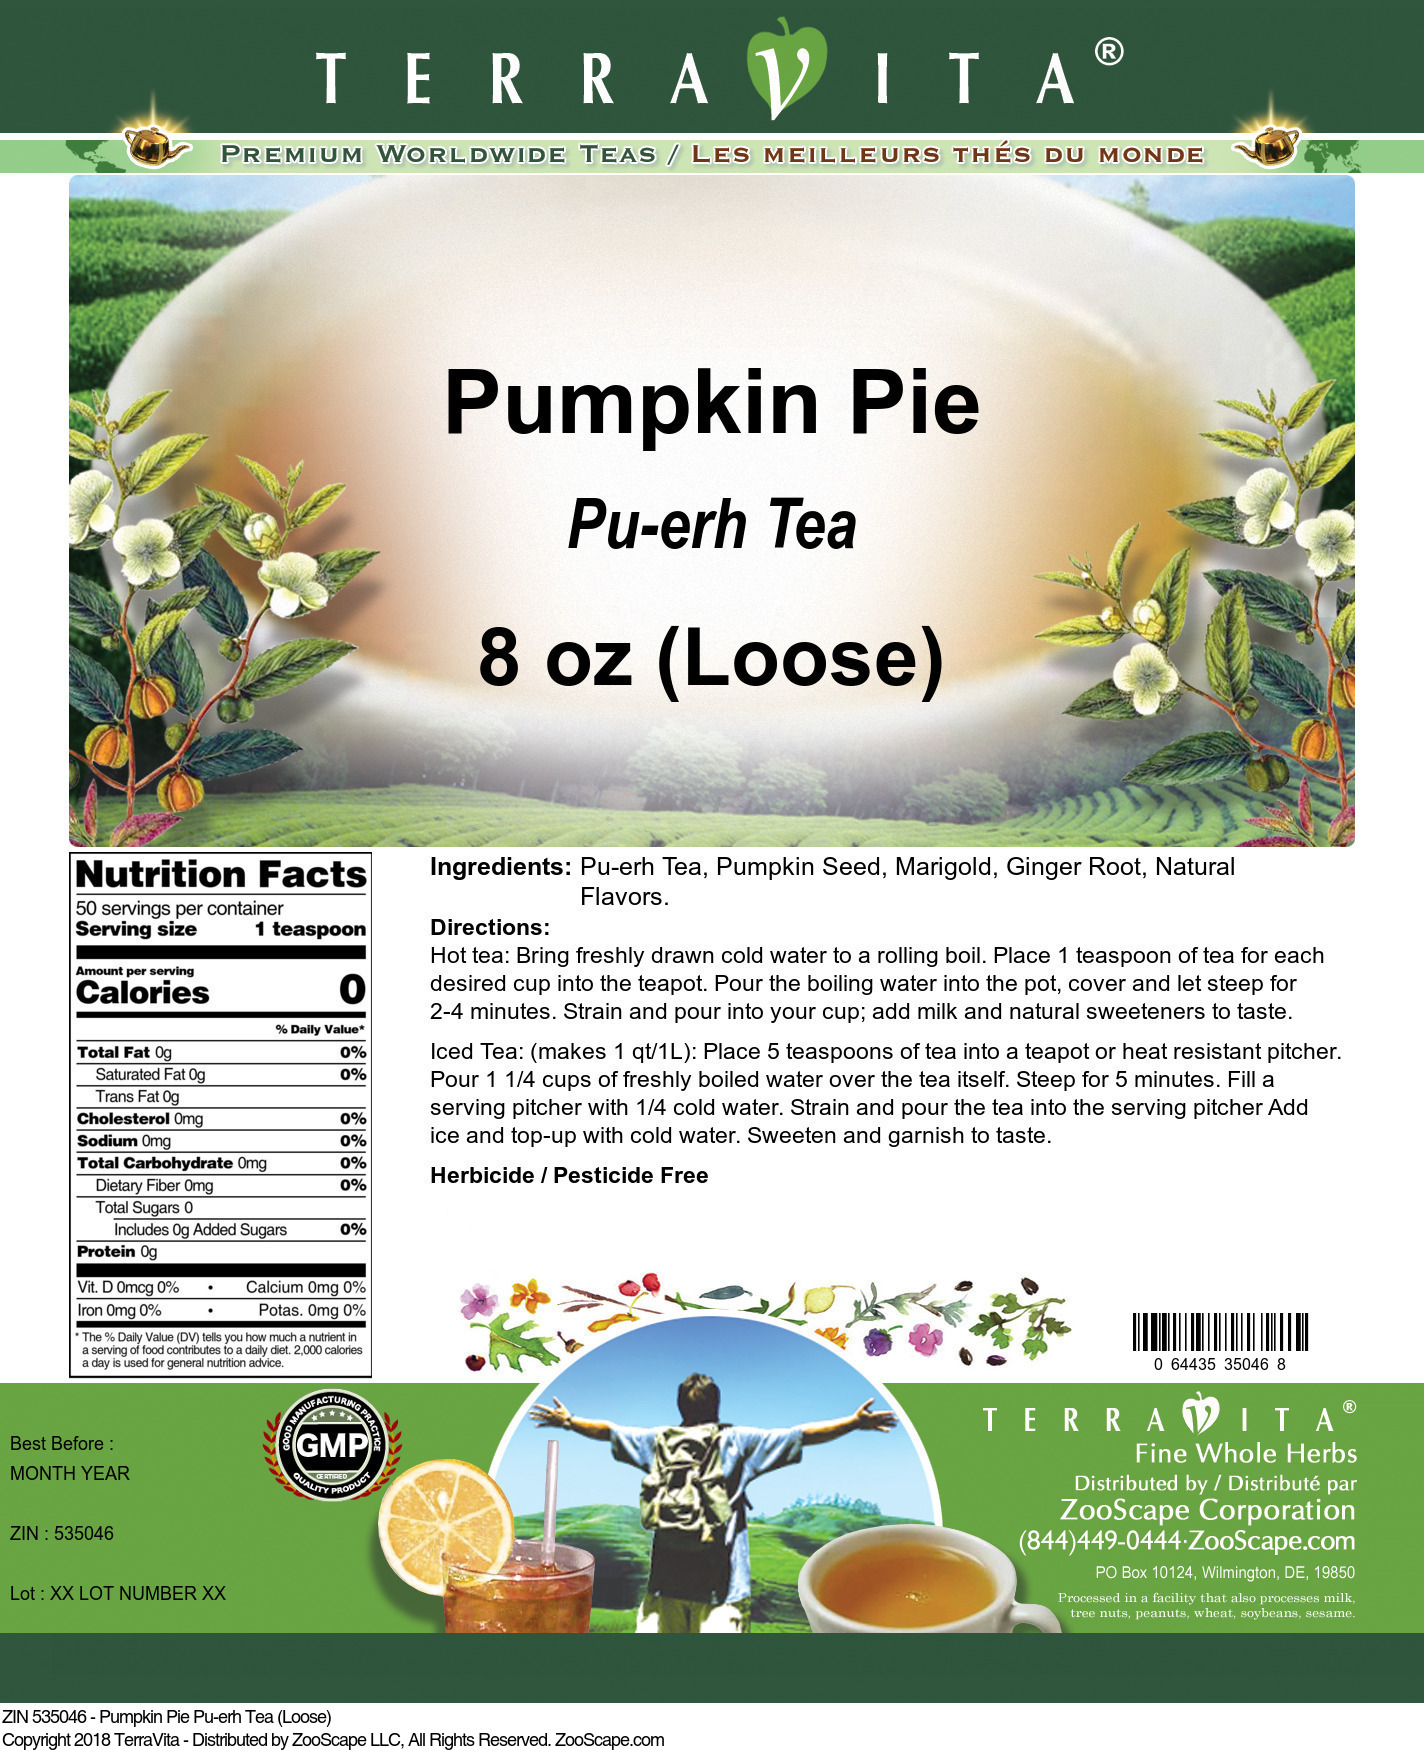 Pumpkin Pie Pu-erh Tea (Loose)